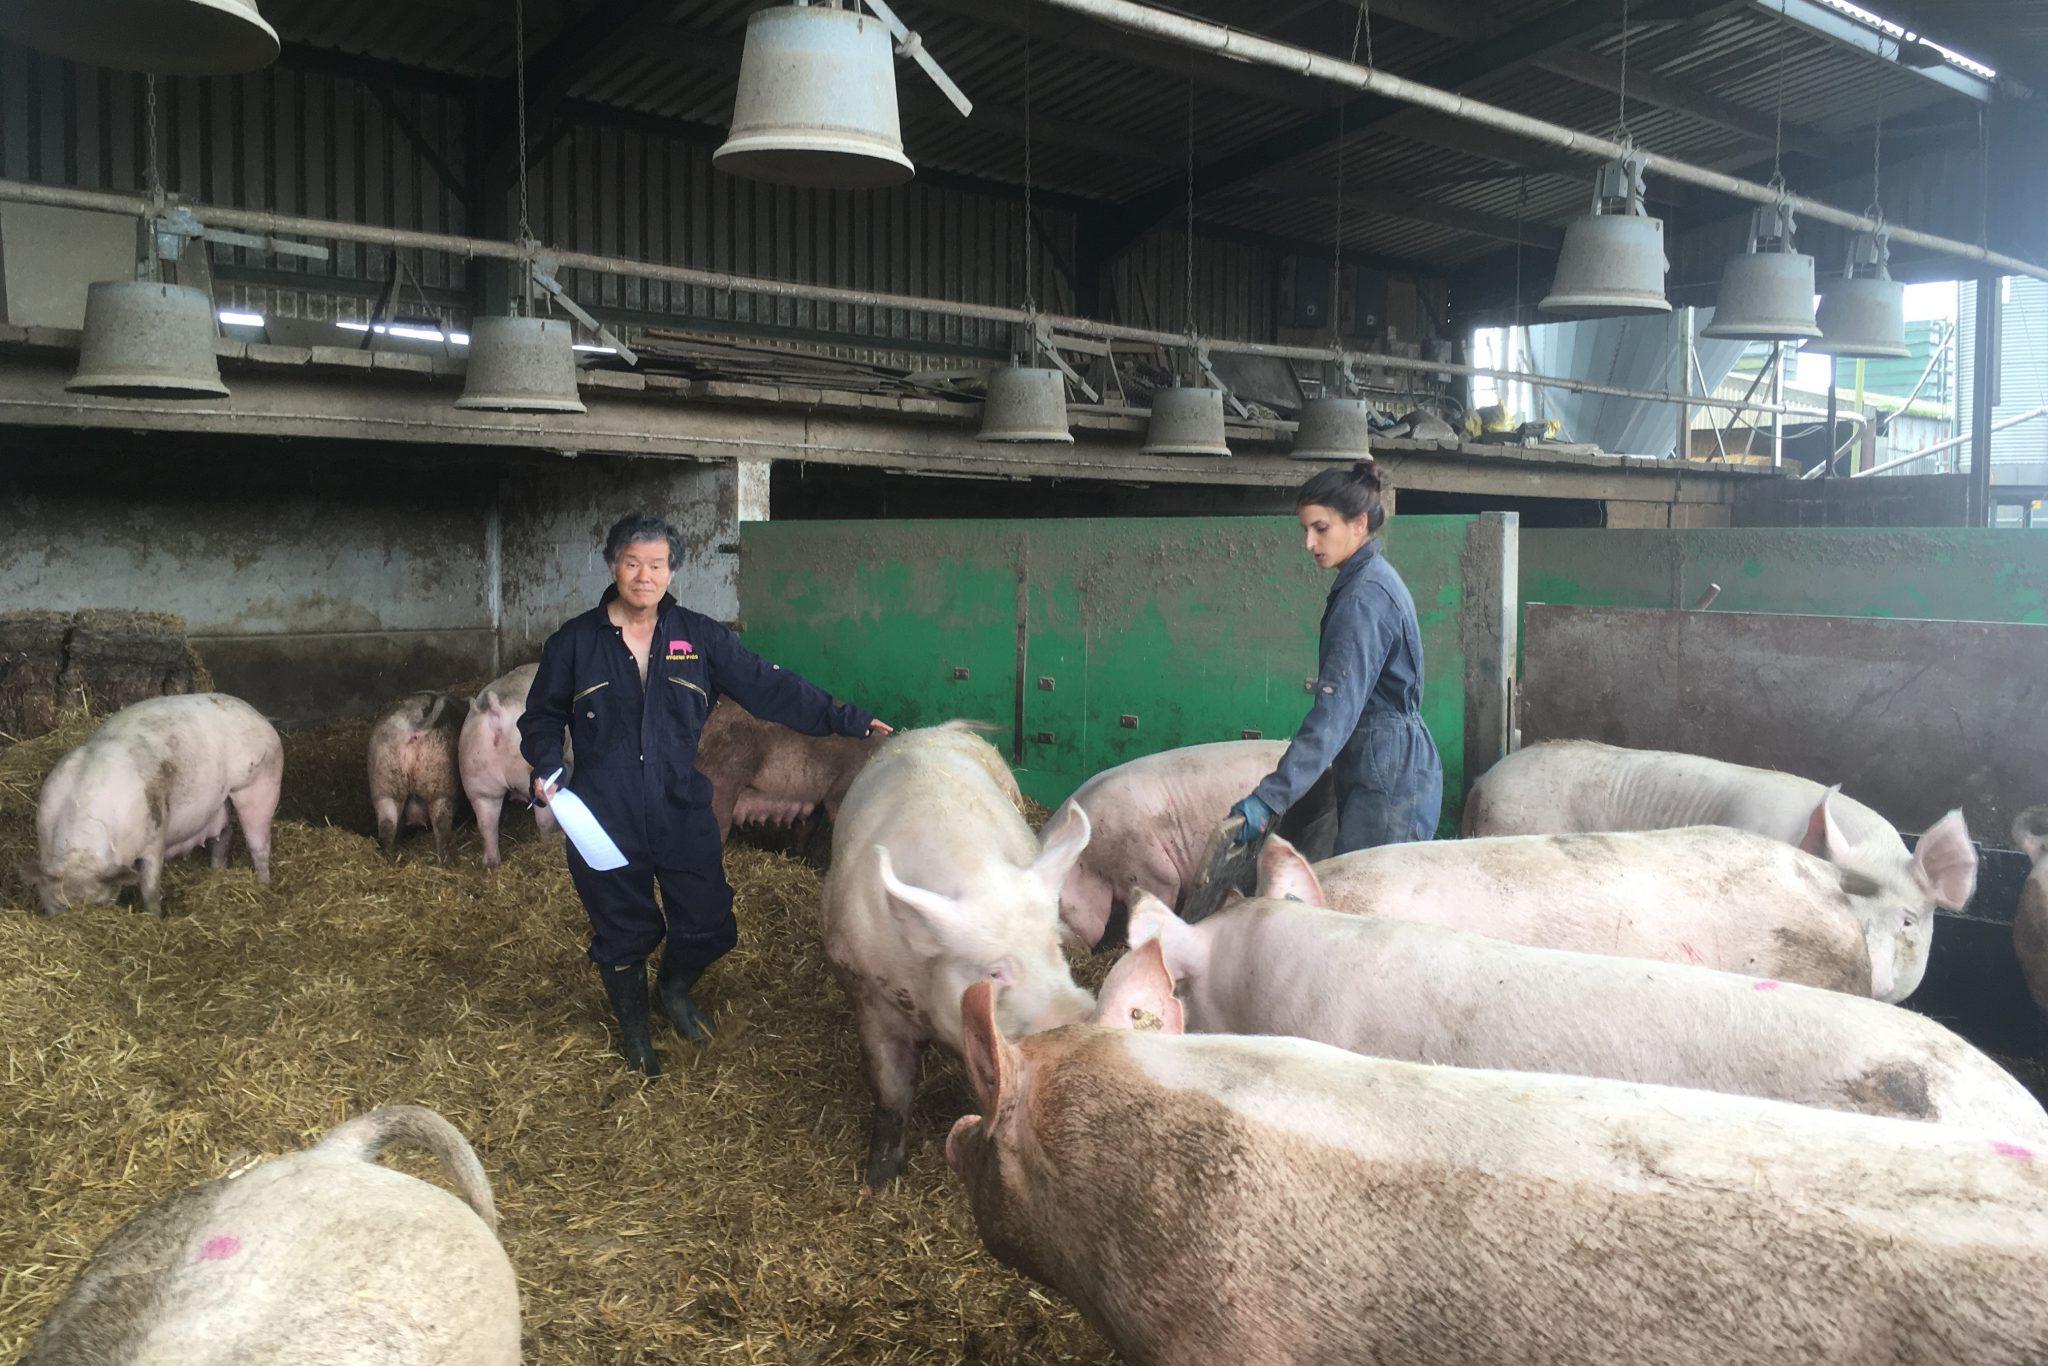 繁殖から肥育、精液の供給・生産・凍結 後輩で豚の肉質改善 新品種の開発に注力 アグー復活に寄与 独自ブランド造りも 桑原康さん・富士宮市